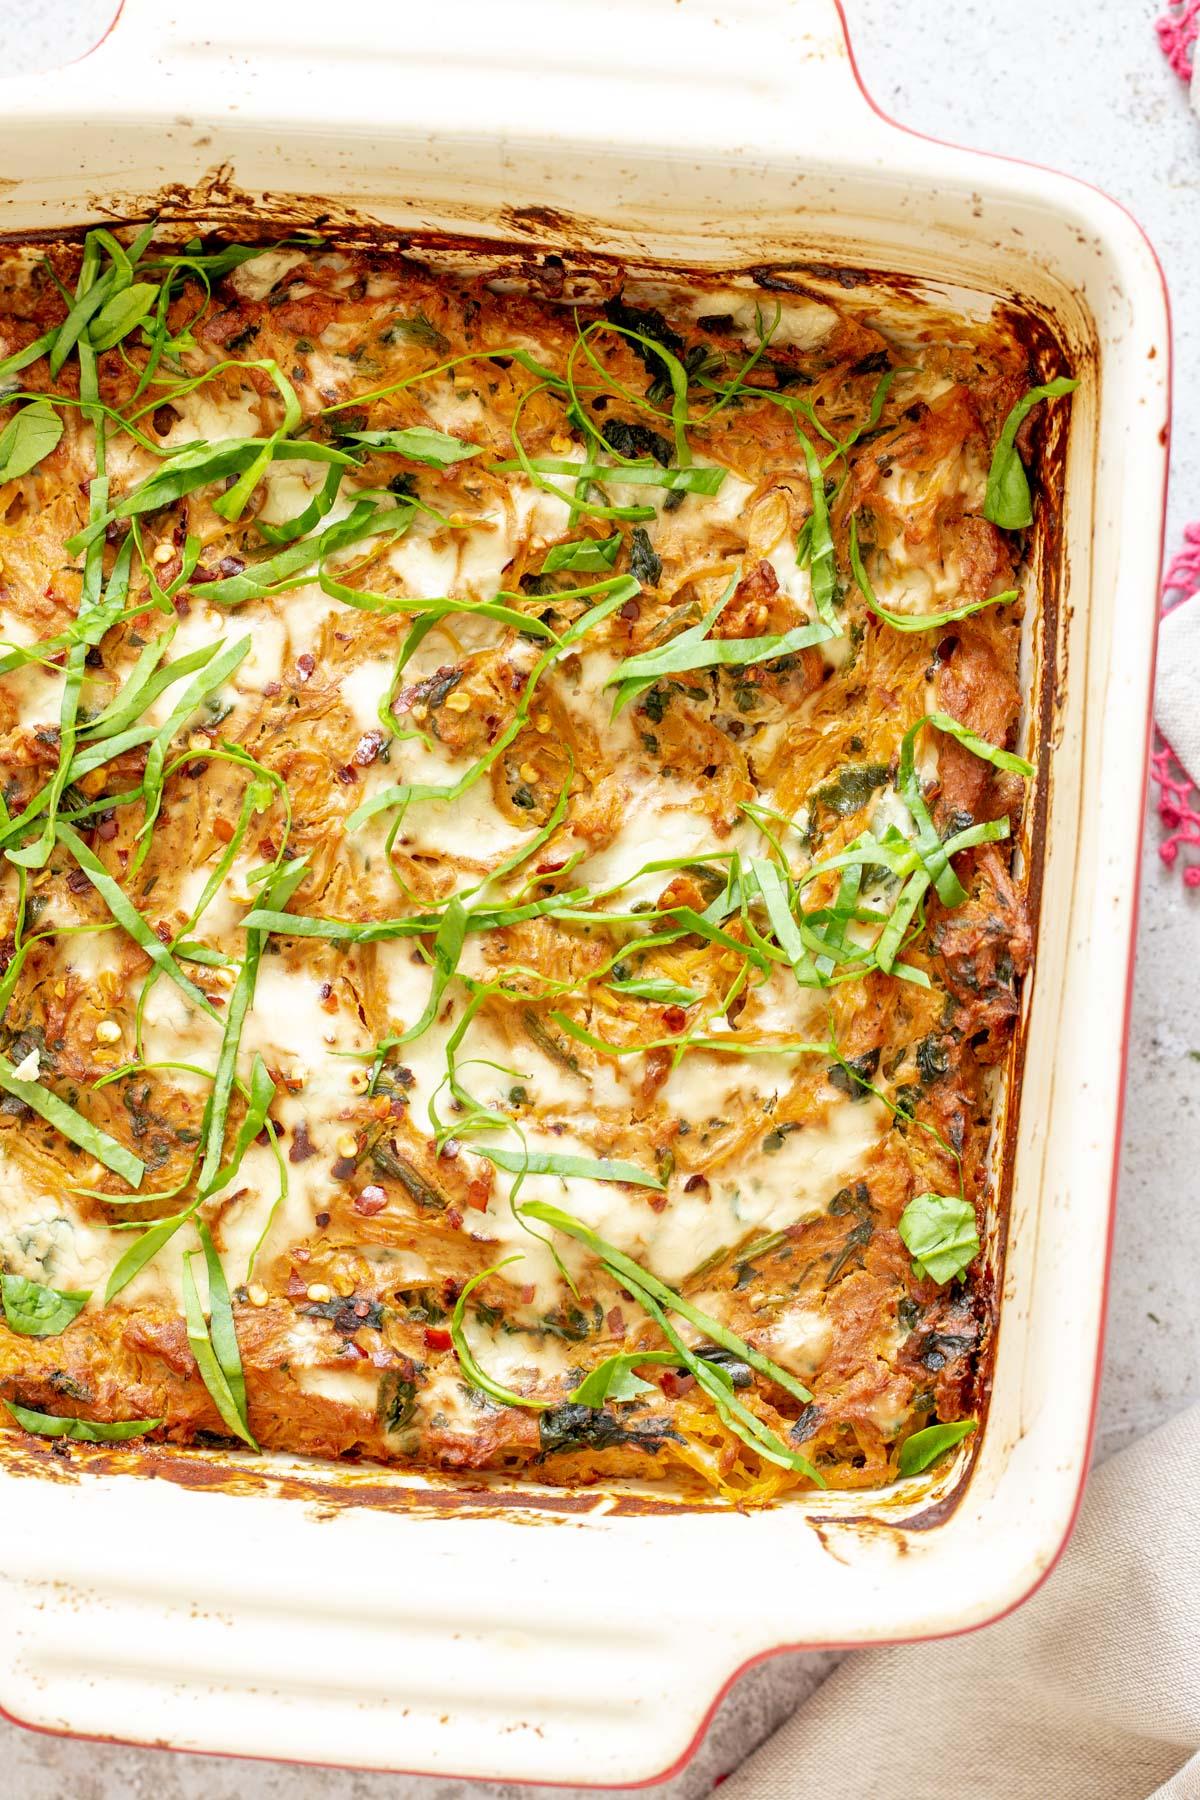 vegan Italian Sun-dried tomato Spaghetti Squash Pasta Bake in a white casserole dish